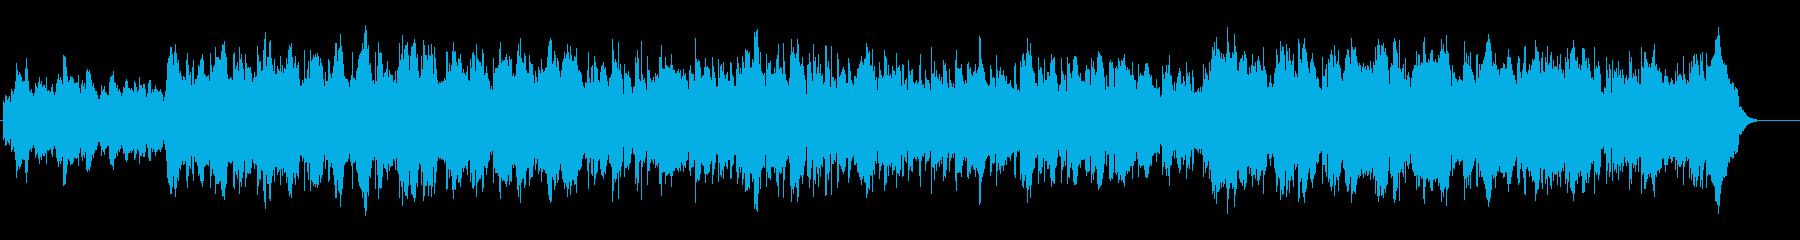 緊迫感漂うサイコ・サスペンス風BGMの再生済みの波形